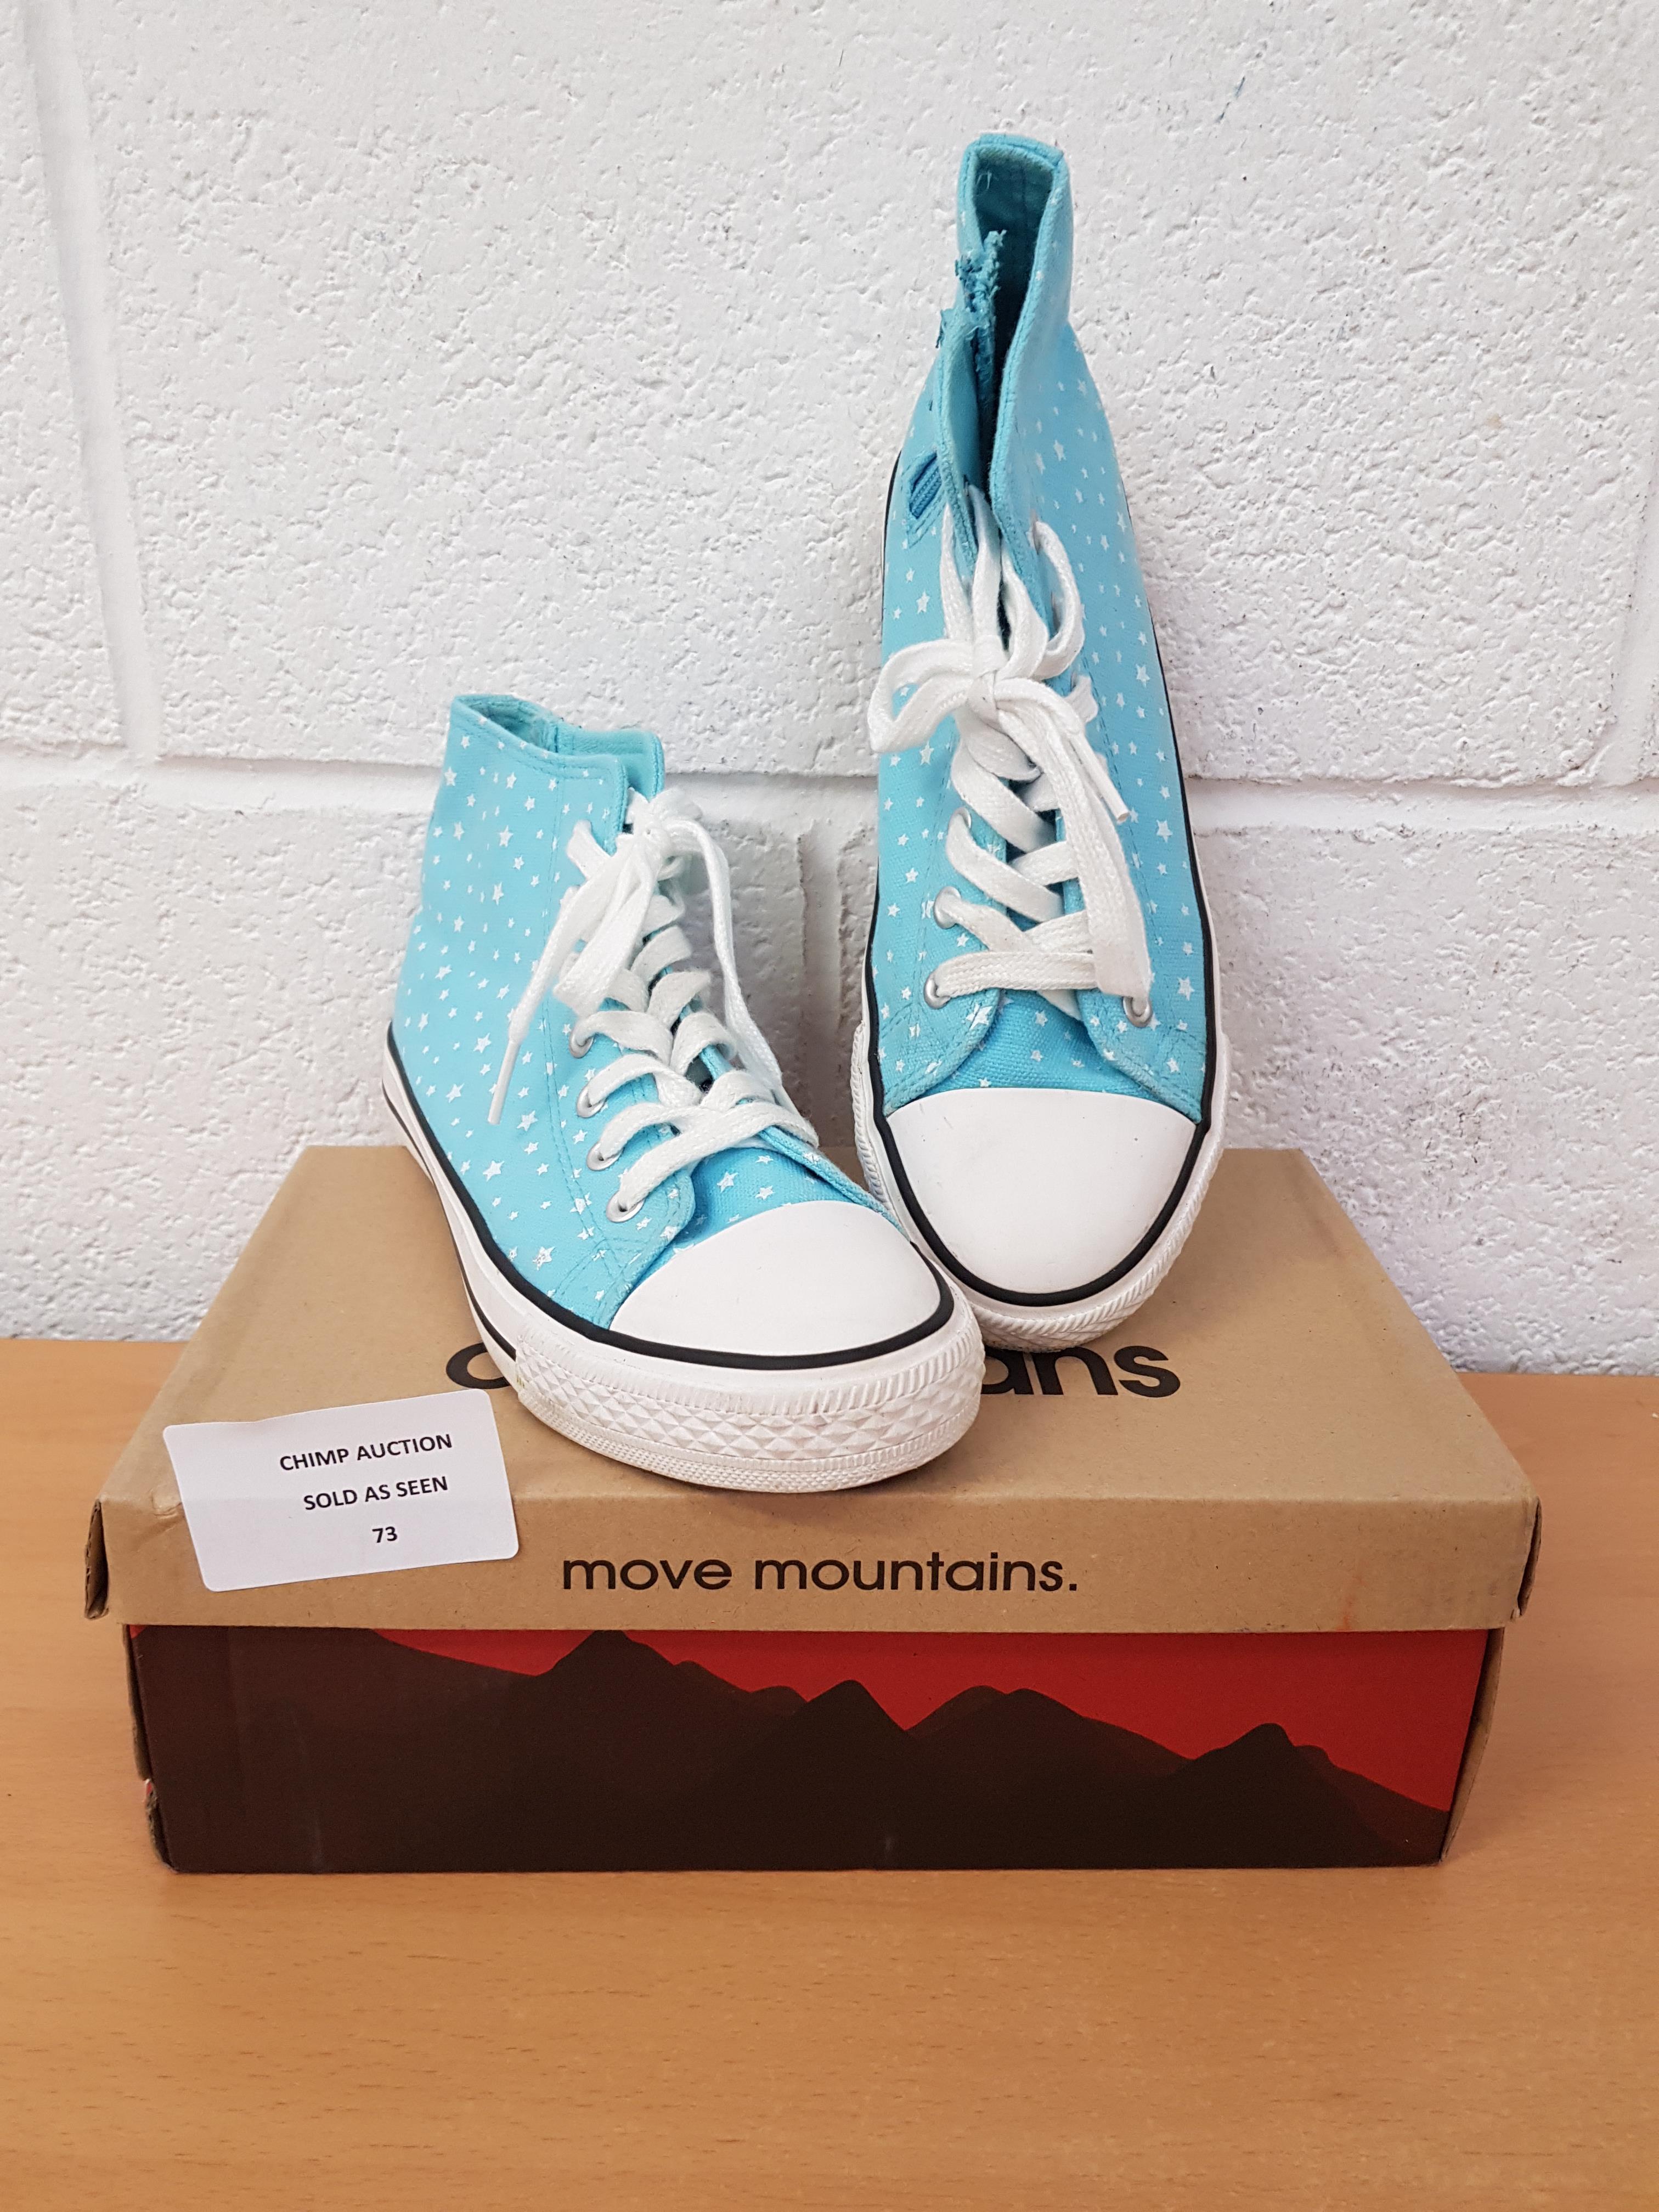 Lot 73 - Canadians Move Mountains ladies shoes EU 39